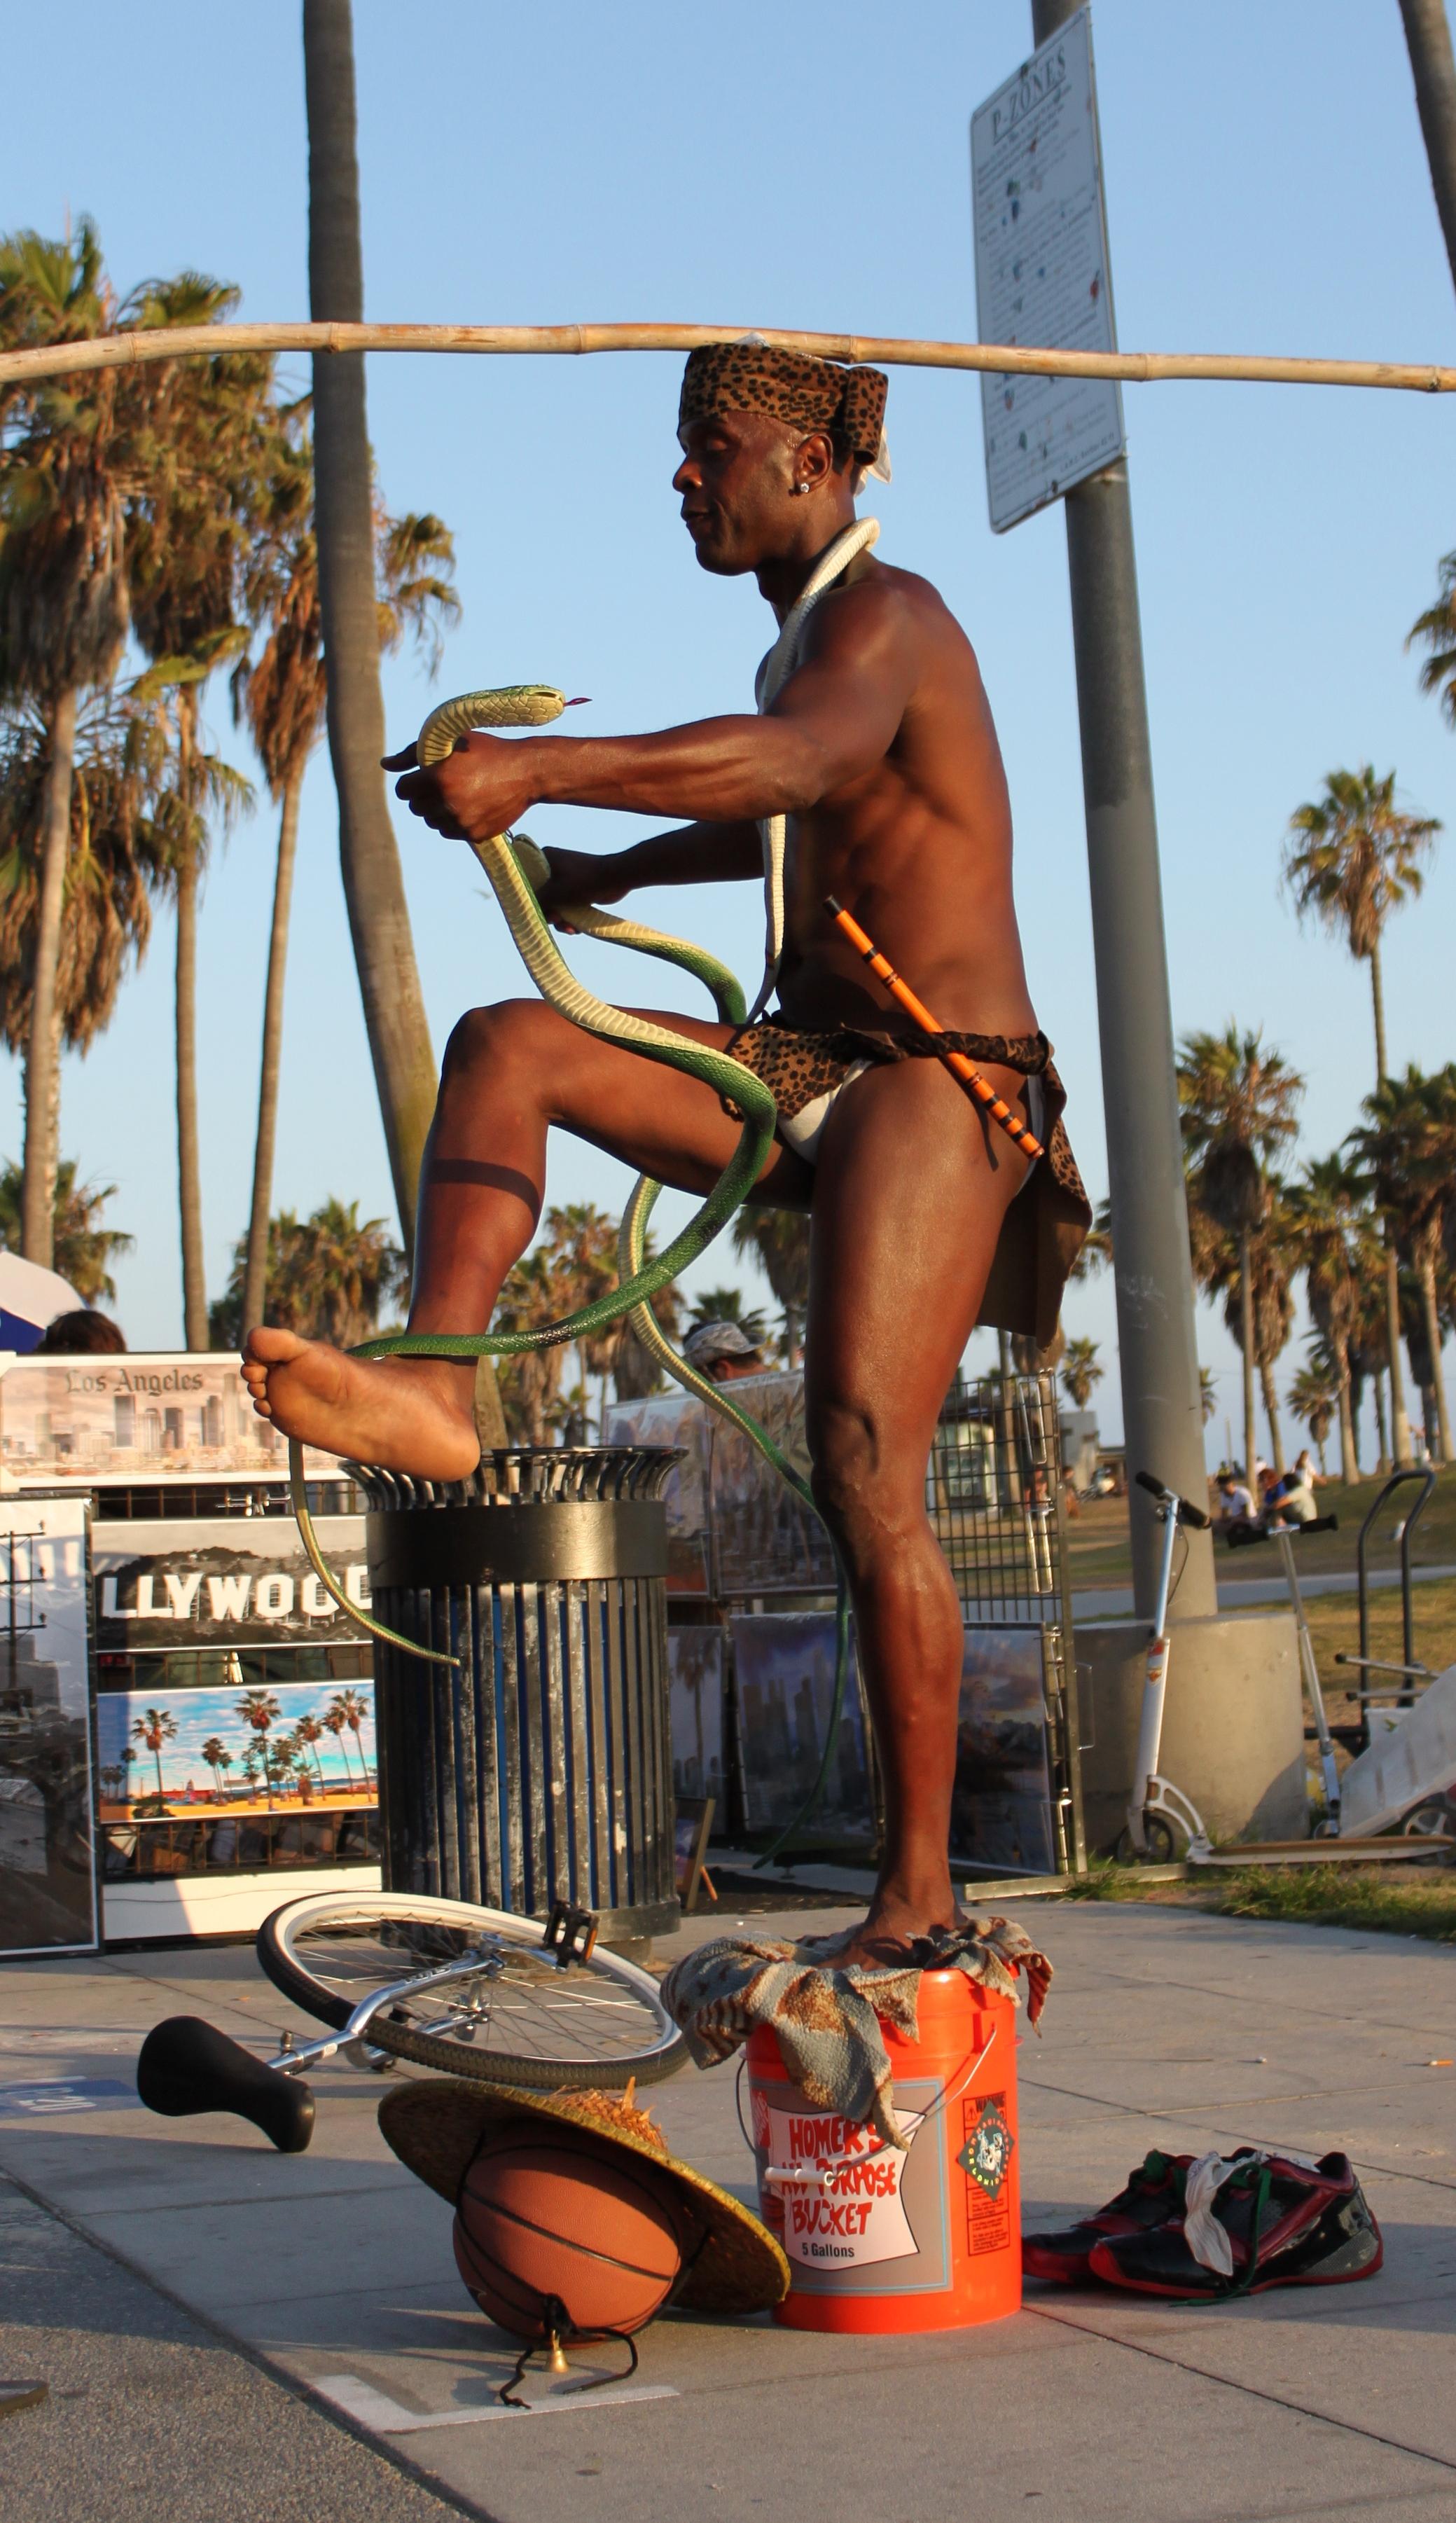 King Solomon the Snake Charmer on the Venice Boardwalk.